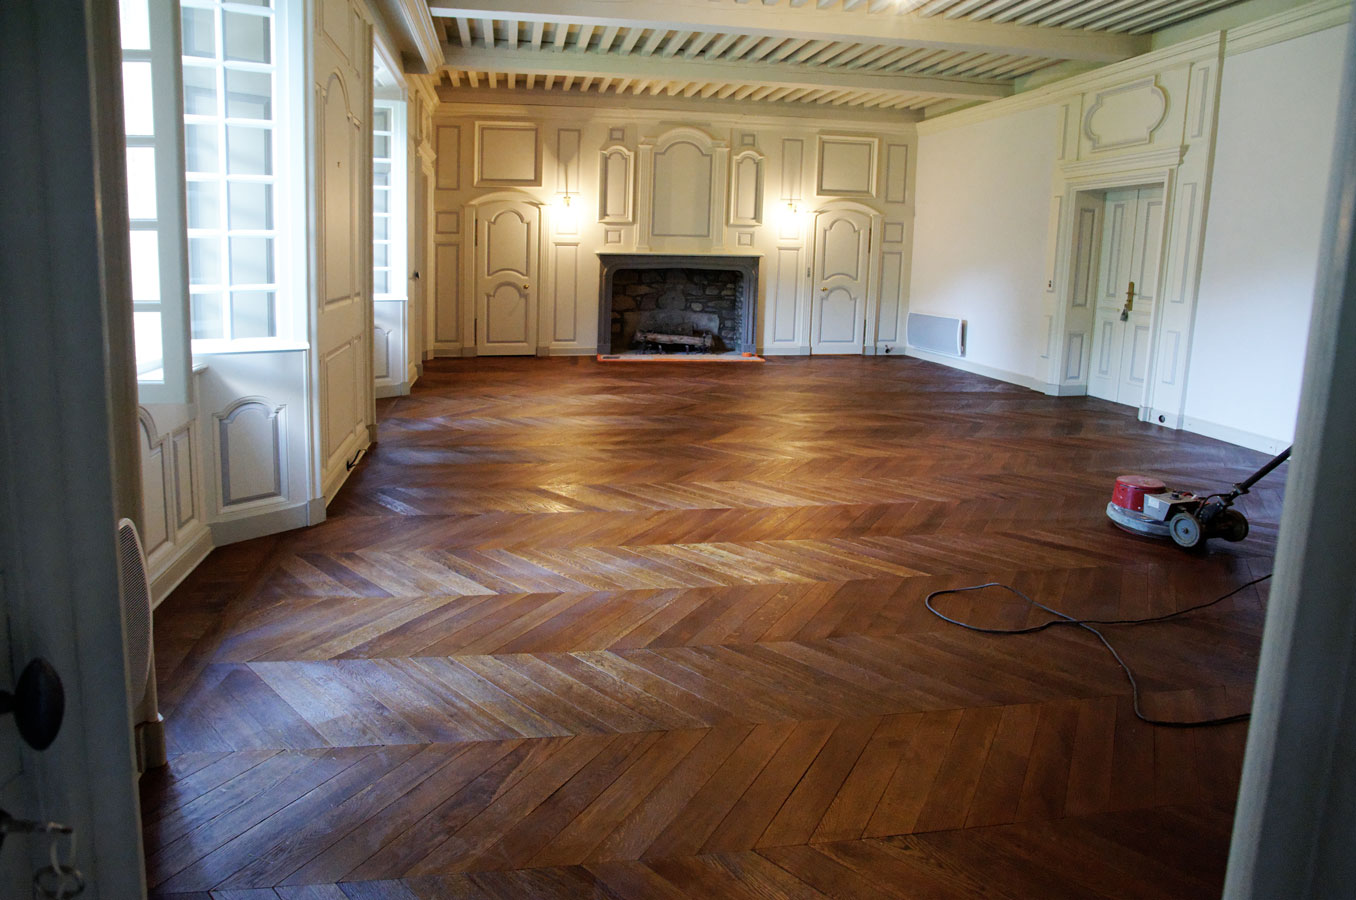 changer parquet ancien excellent nice peindre un parquet. Black Bedroom Furniture Sets. Home Design Ideas